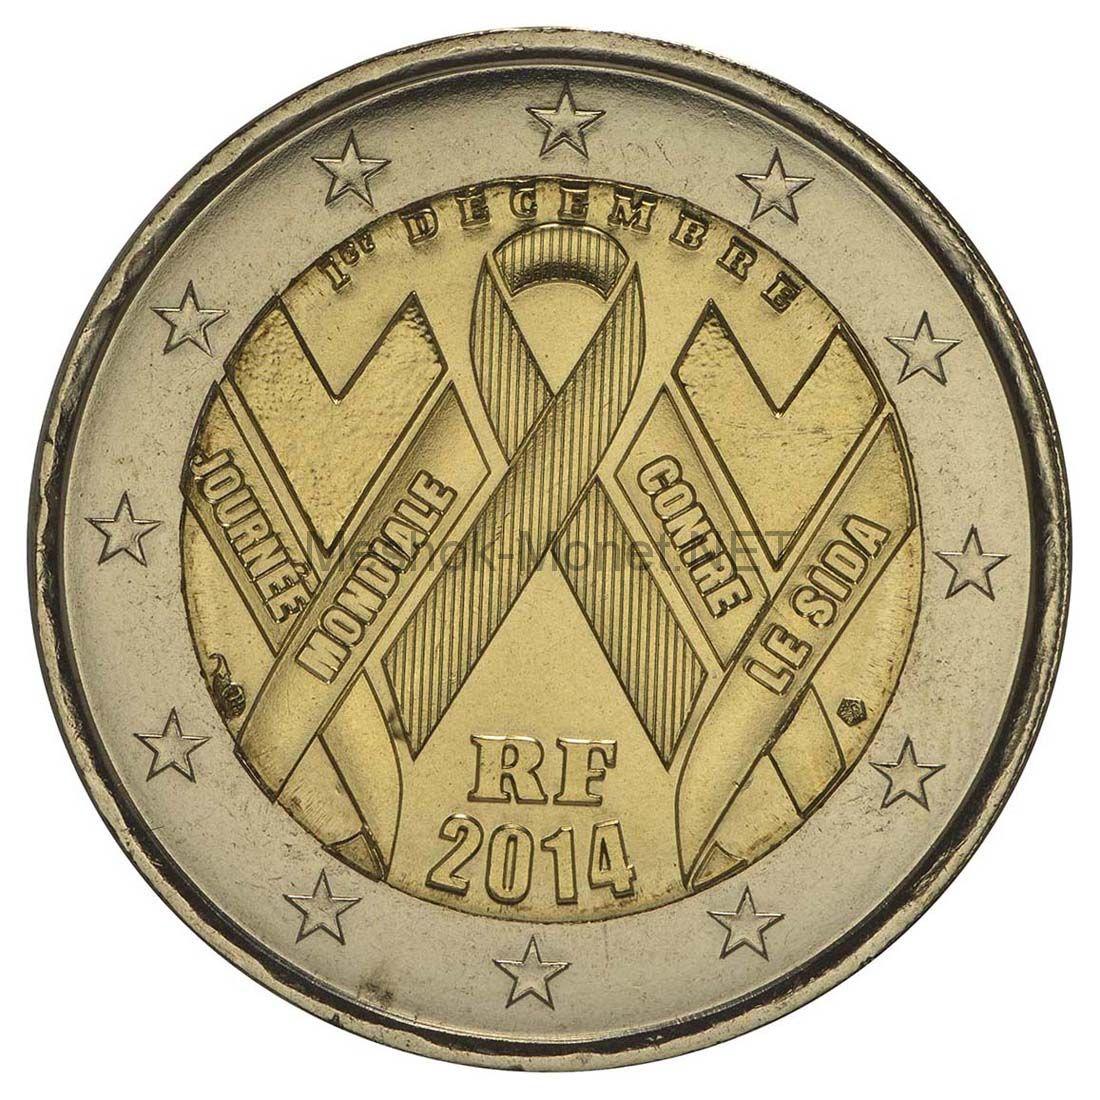 Франция 2 евро 2014, Всемирный день борьбы со СПИДом